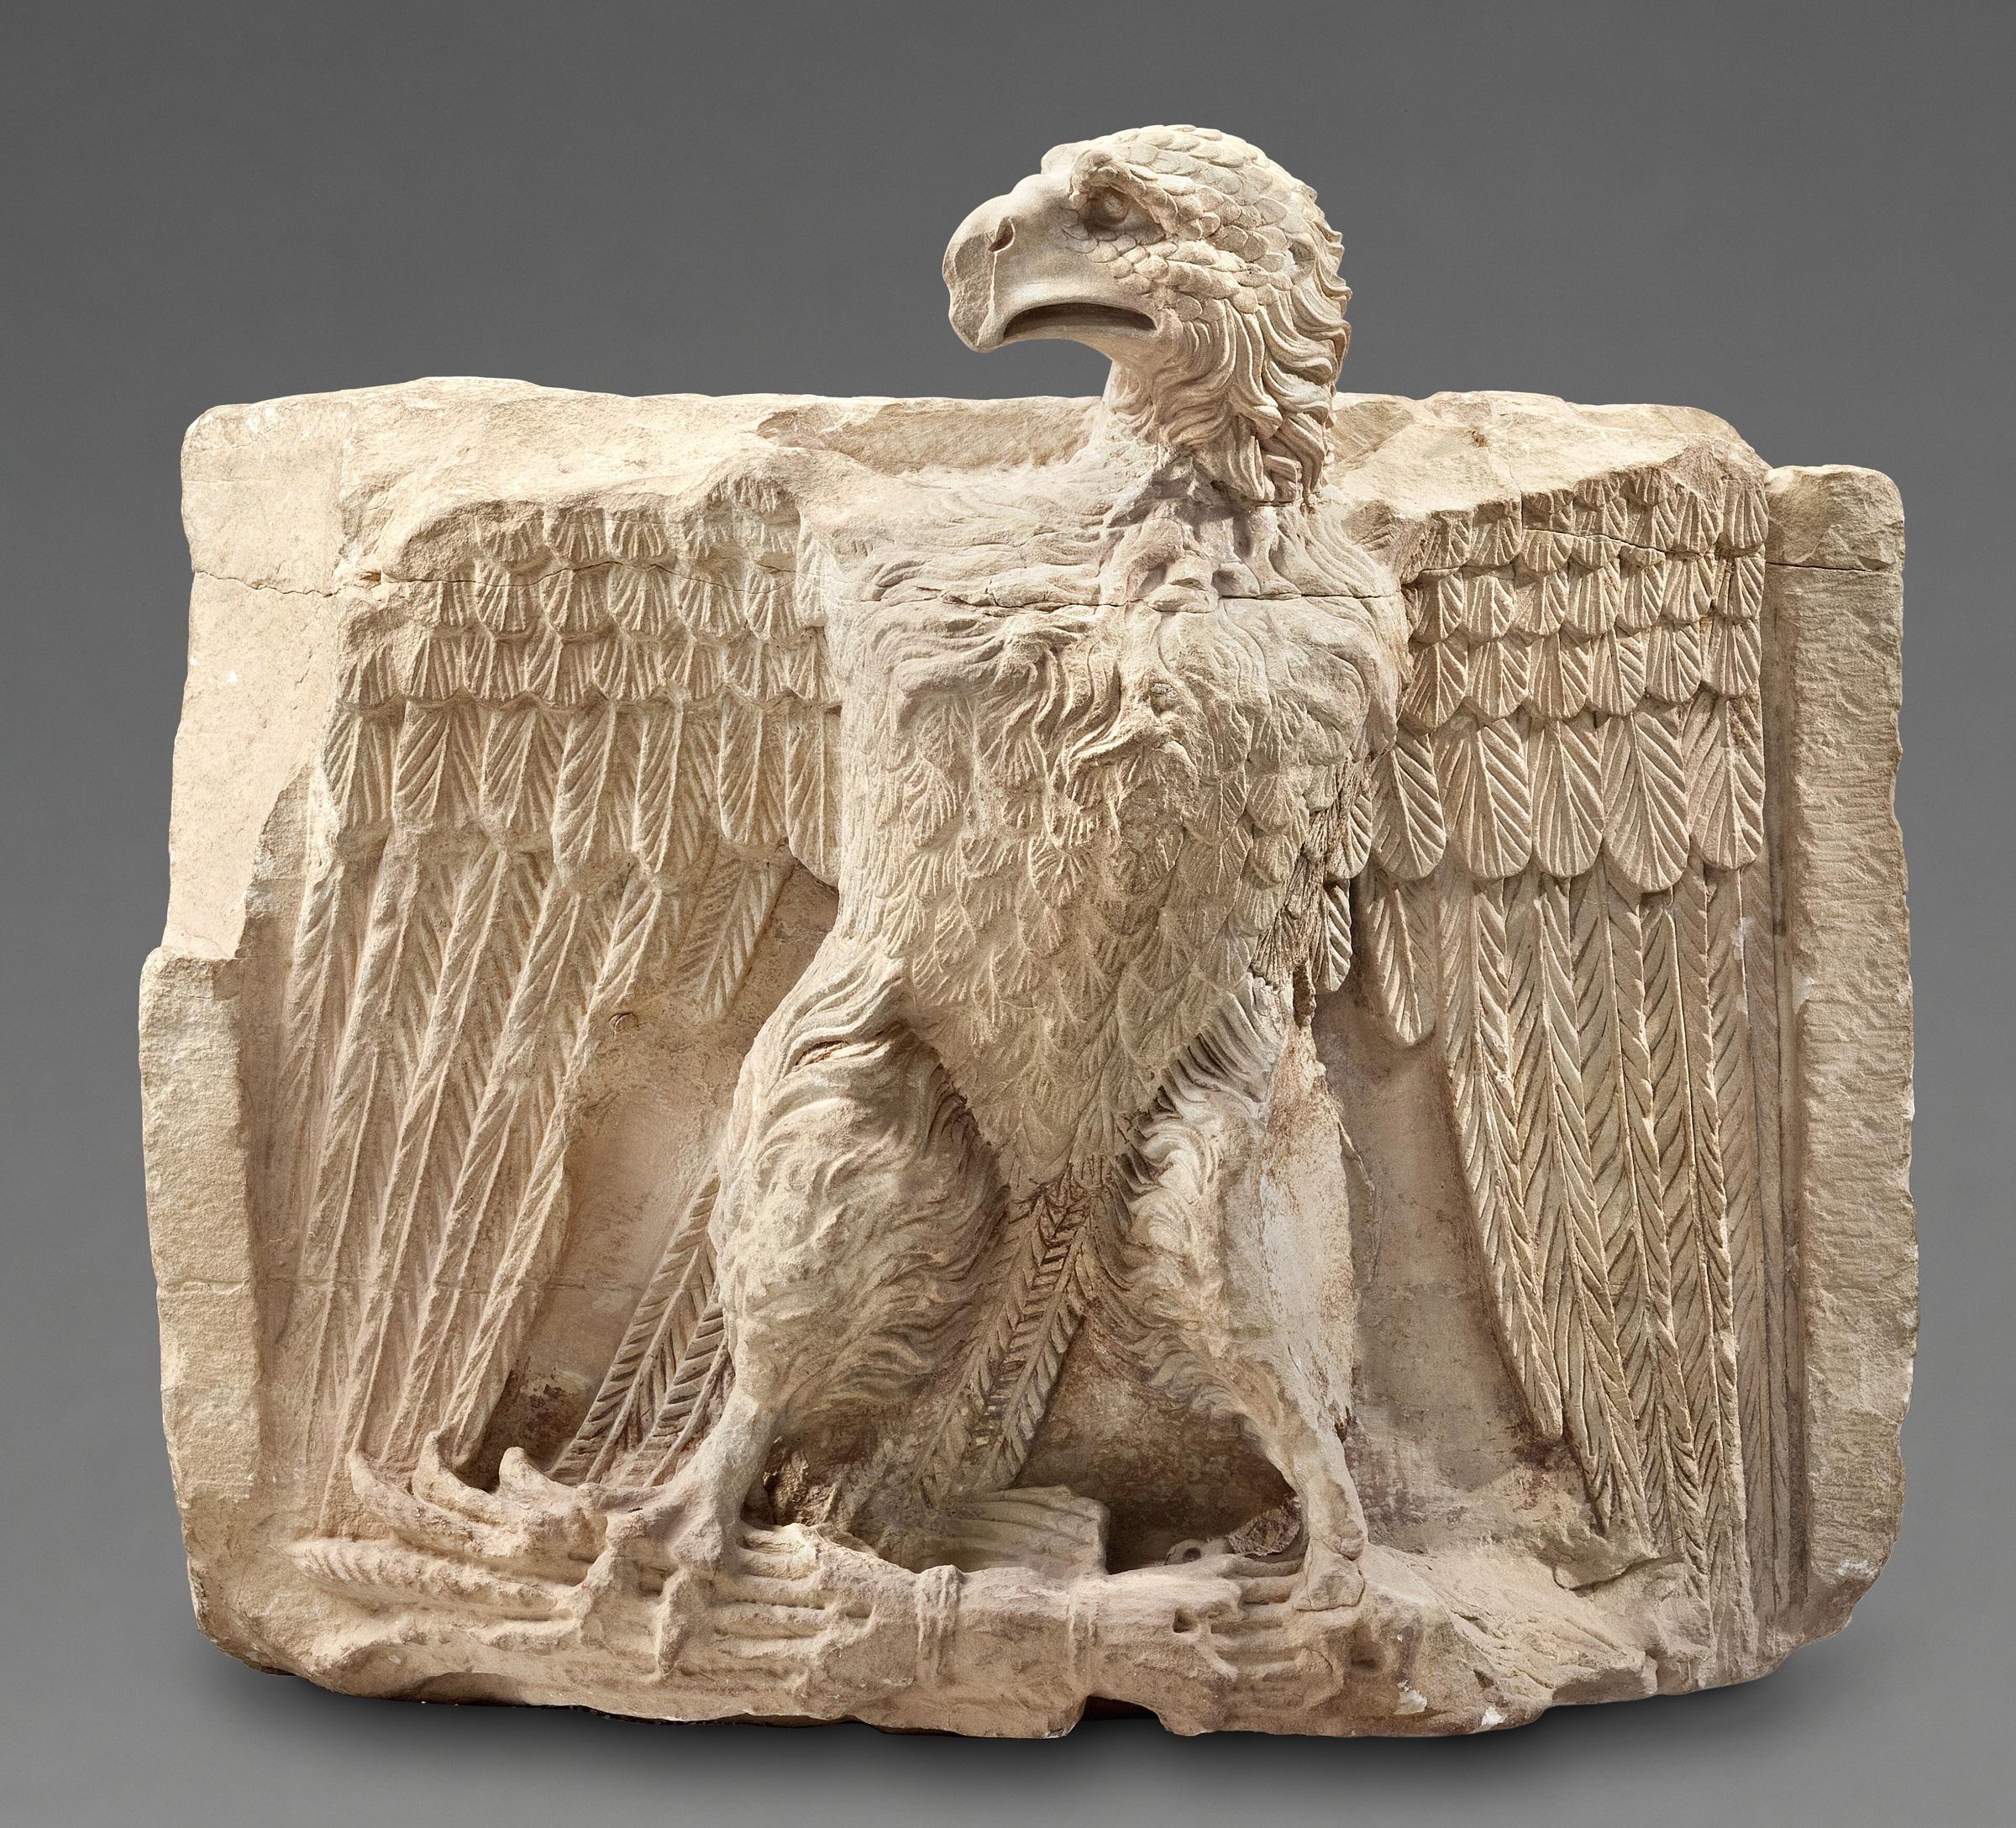 上图:佩特拉出土的大鹰雕像。但这个鹰已经不是以东人的鹰,而是取代以东人的仇敌耶四十九22。